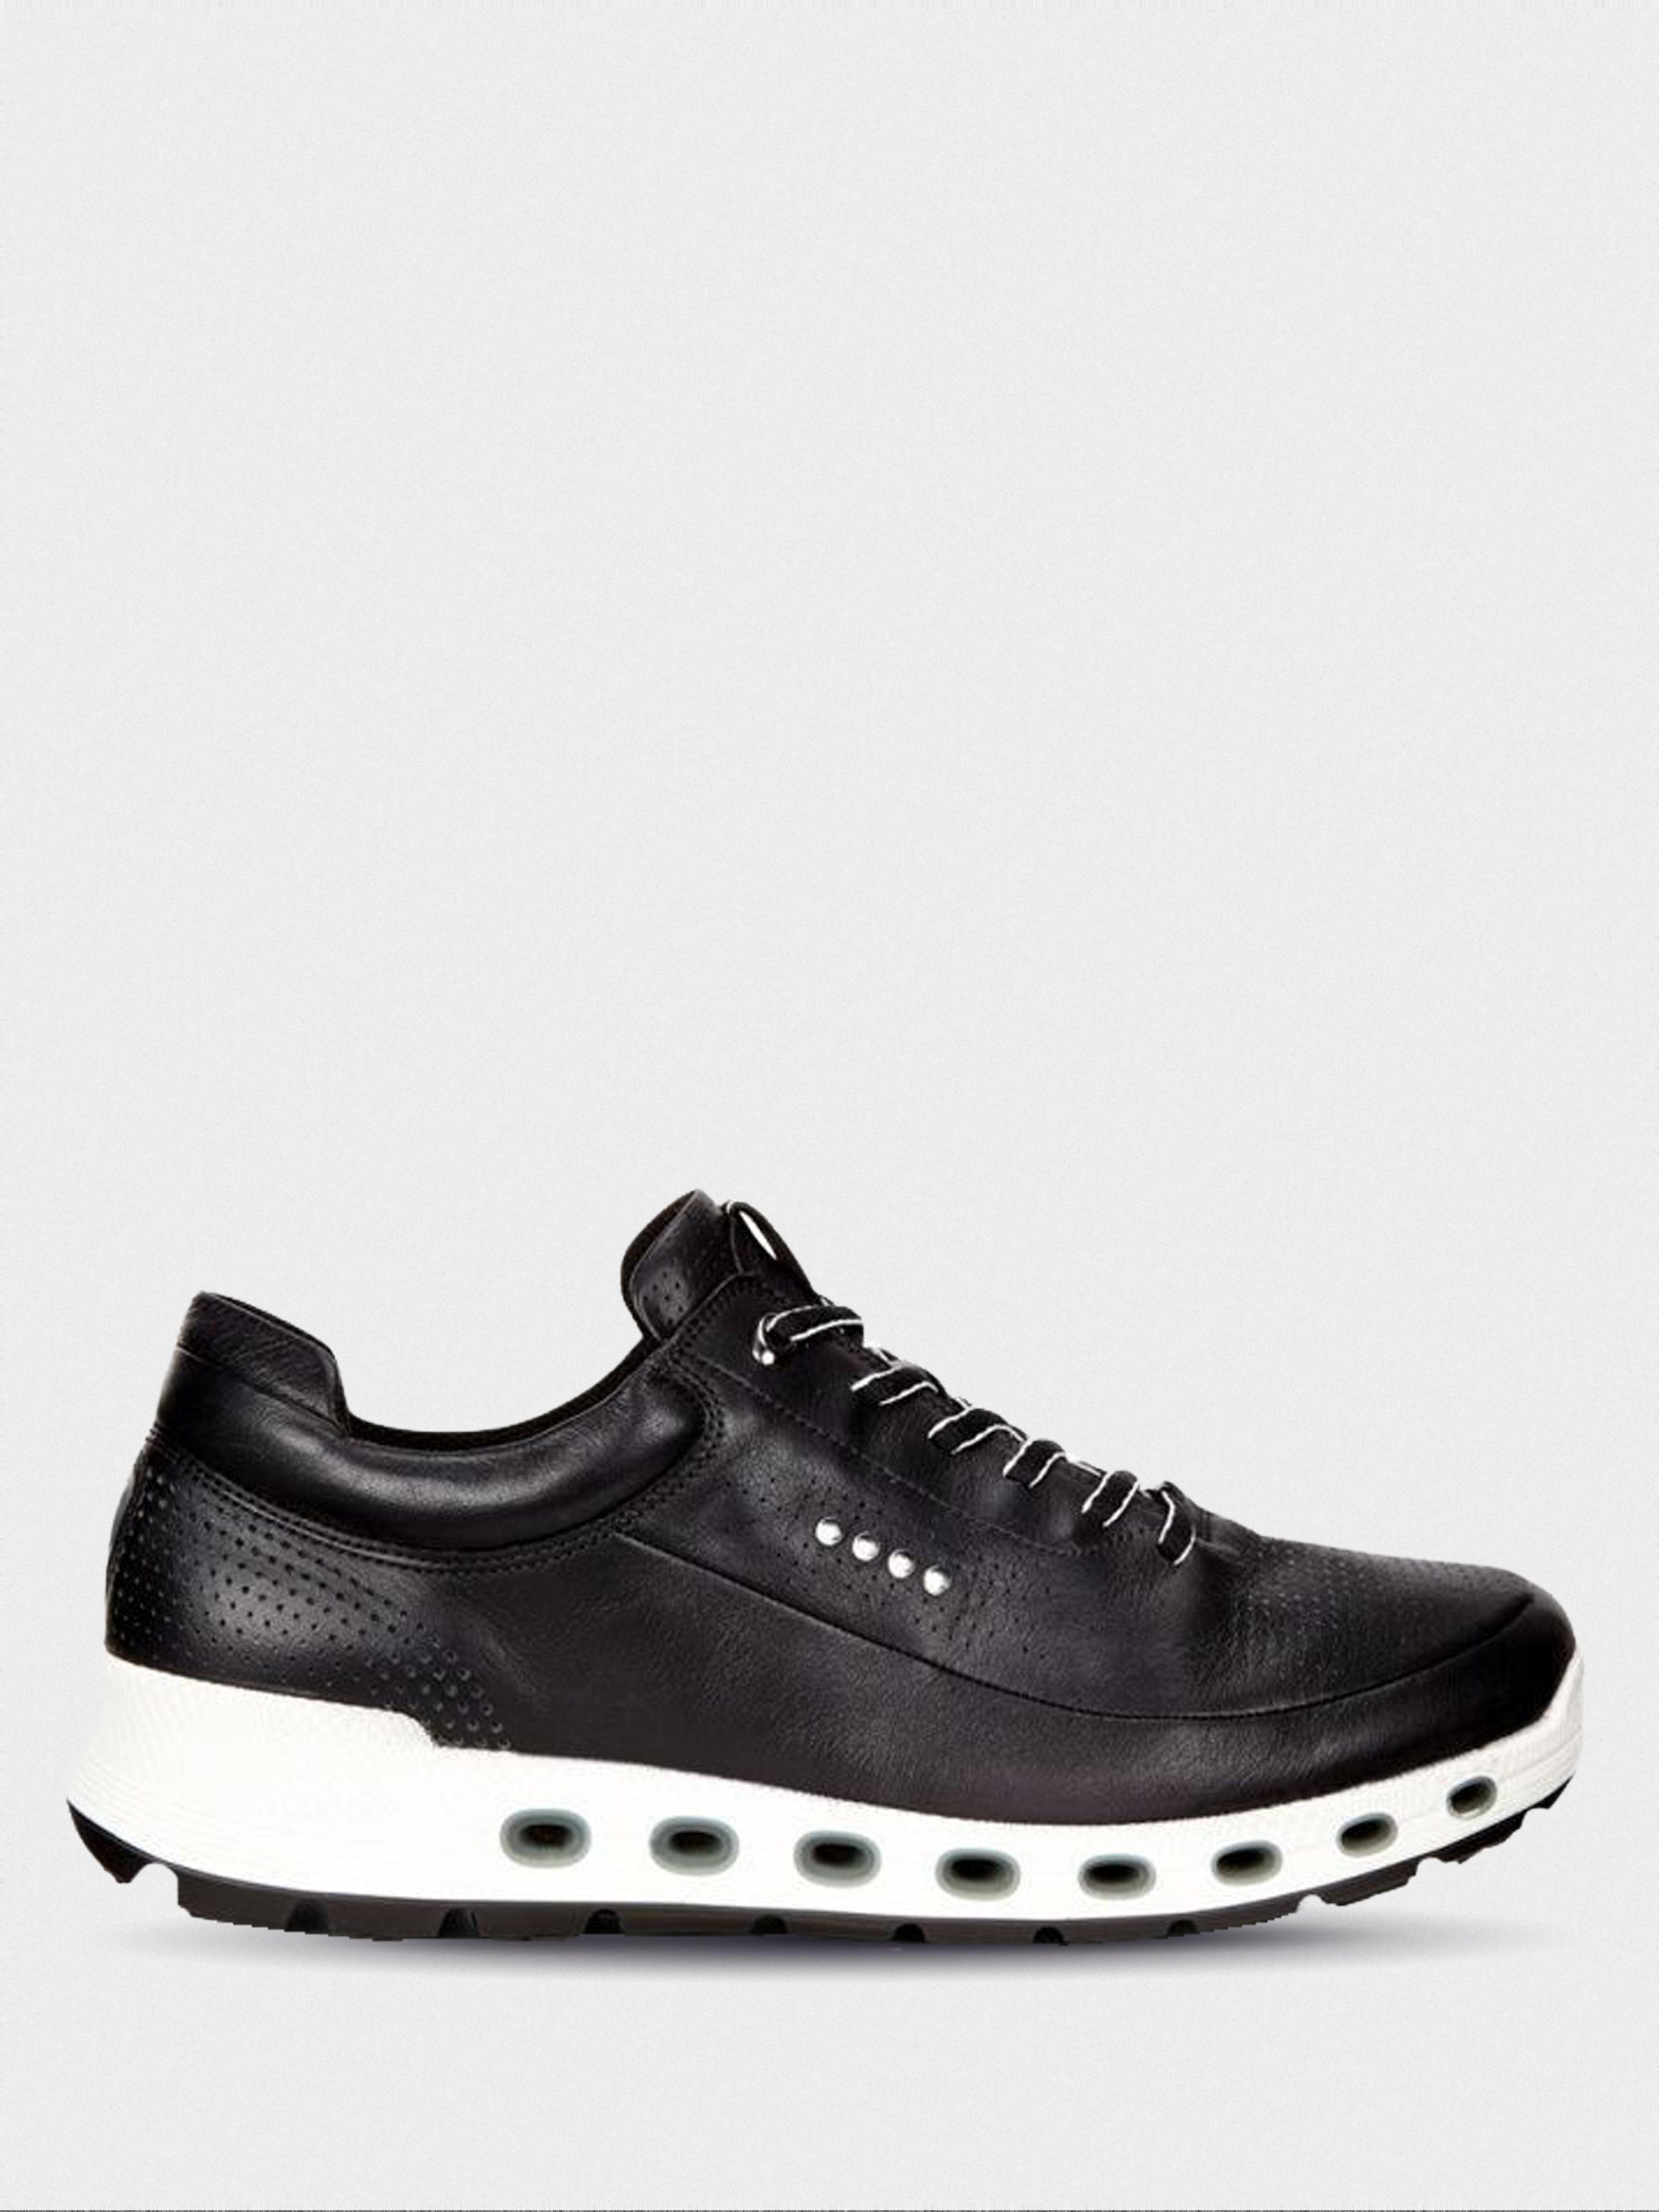 чоловічі кросівки ecco cool 2.0 842514(01001) шкіряні